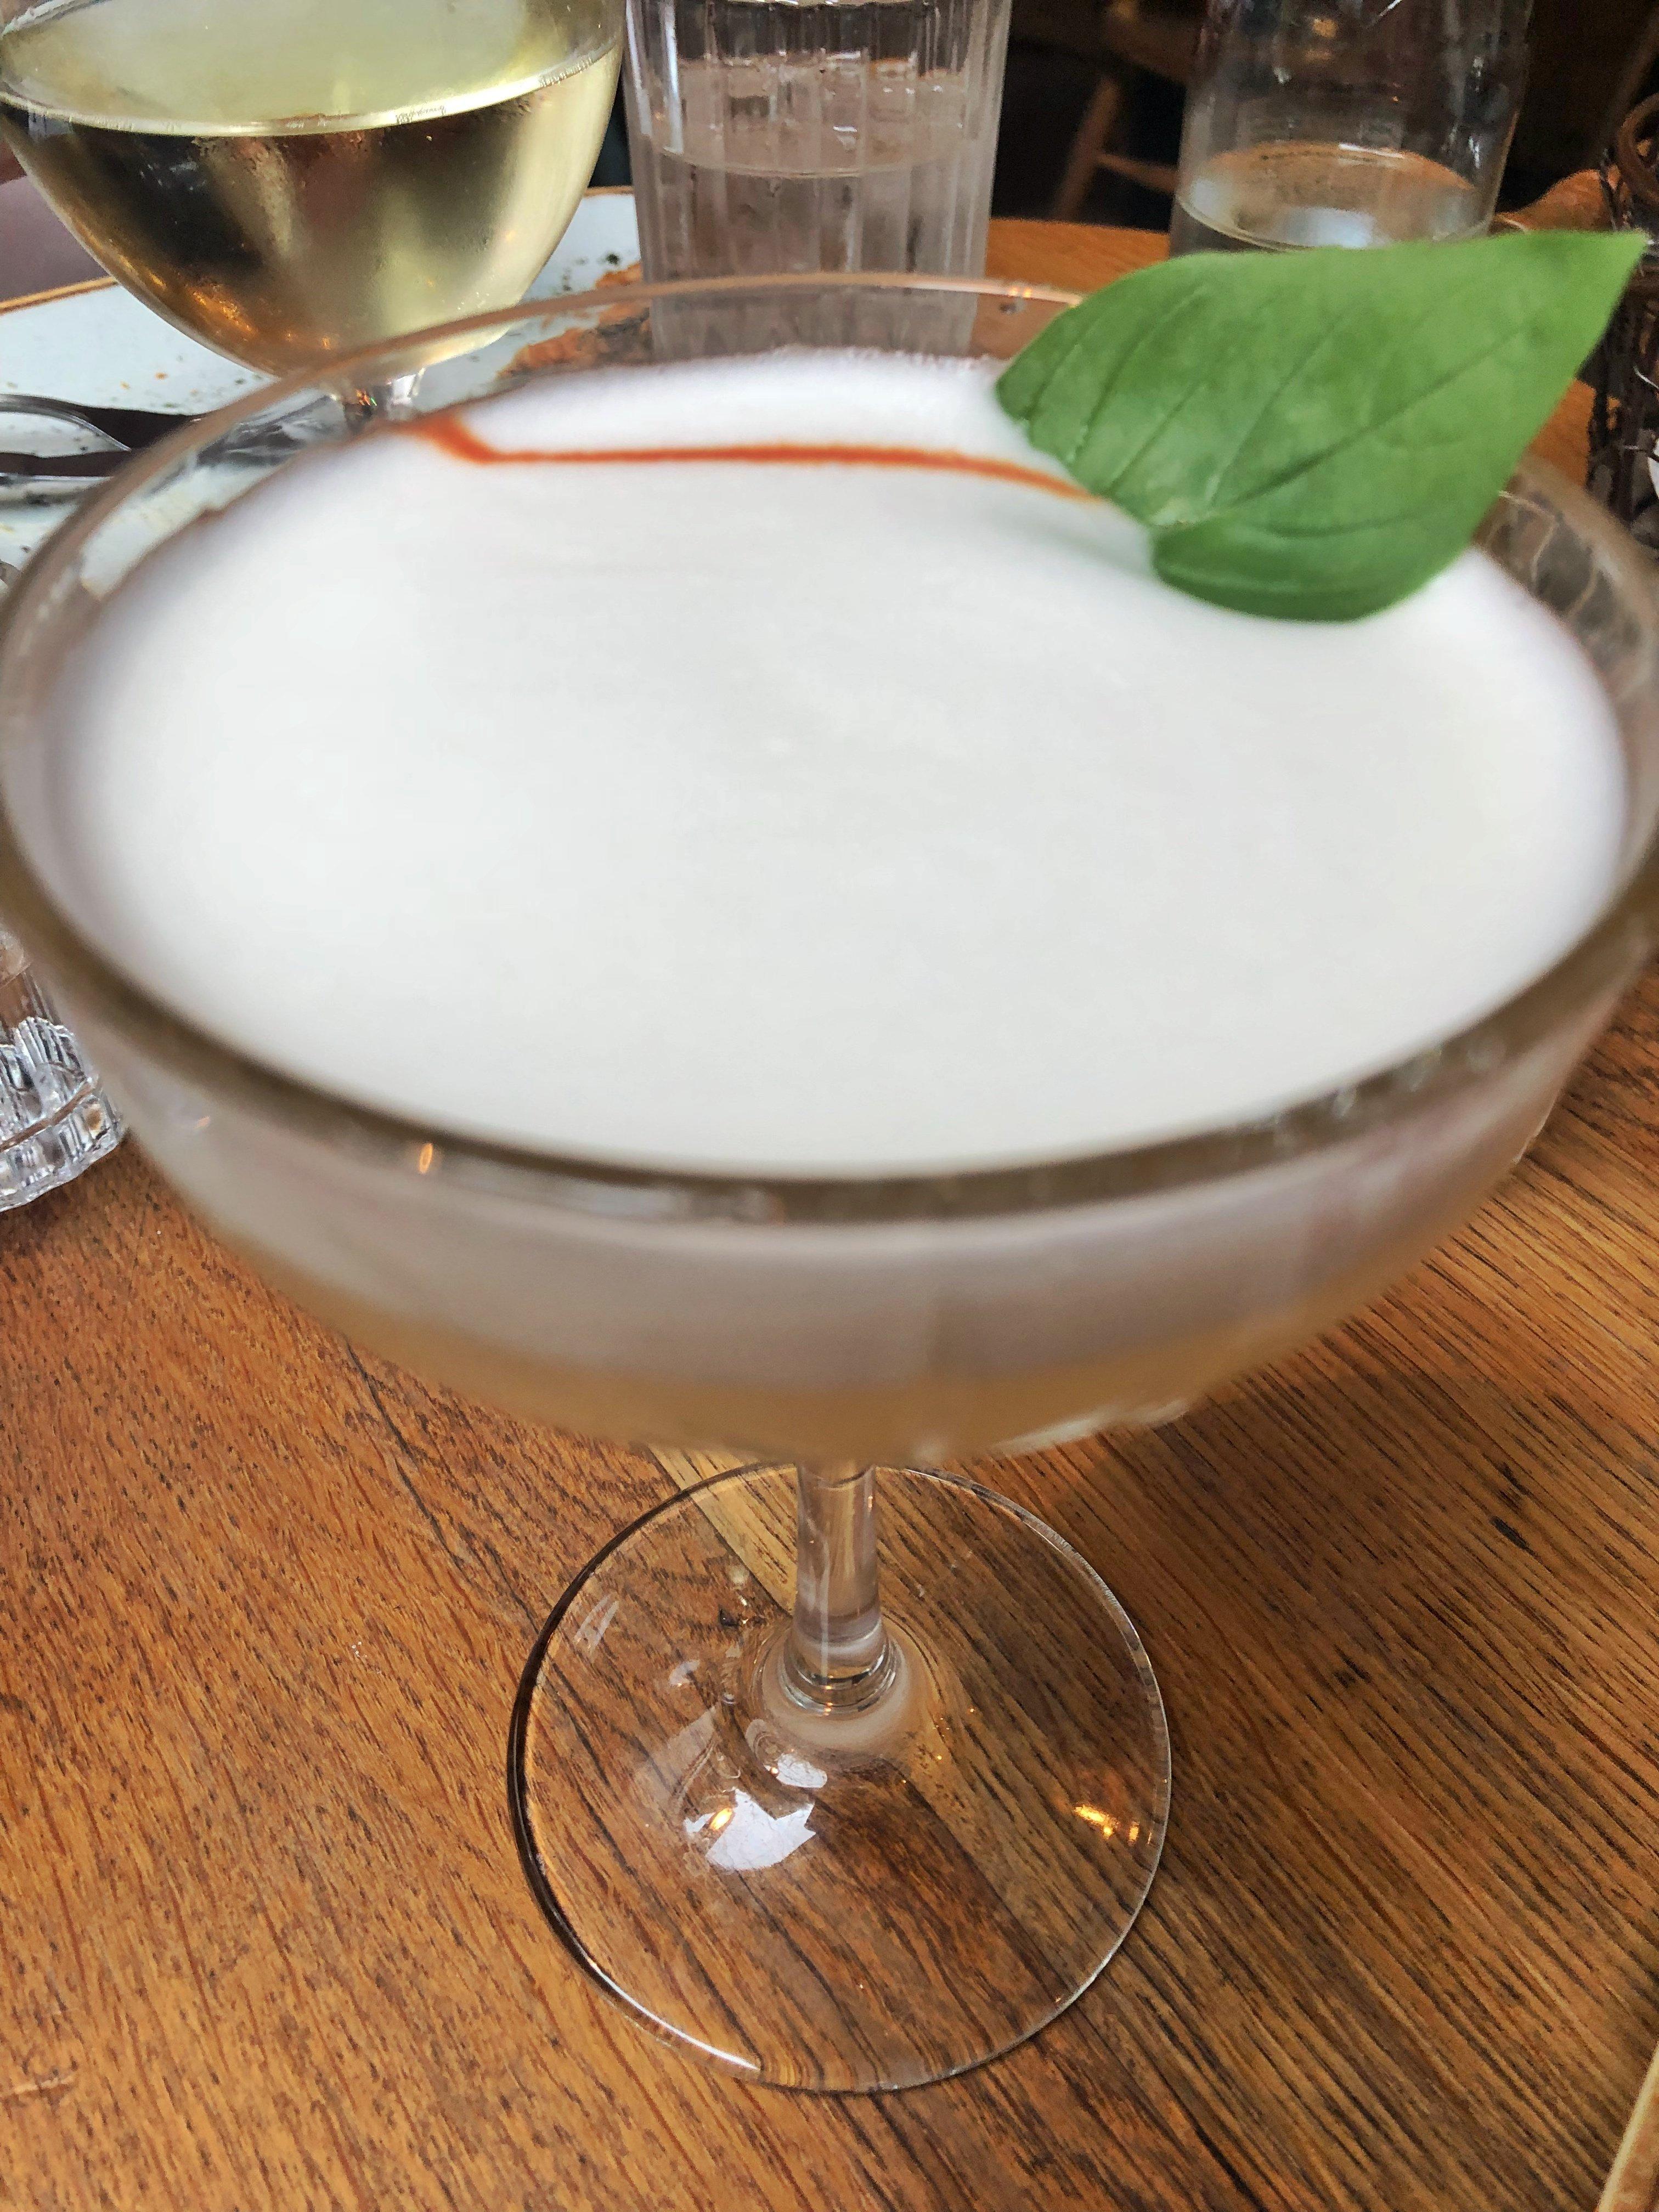 Oslo Hackney Gentleman's Sour cocktail